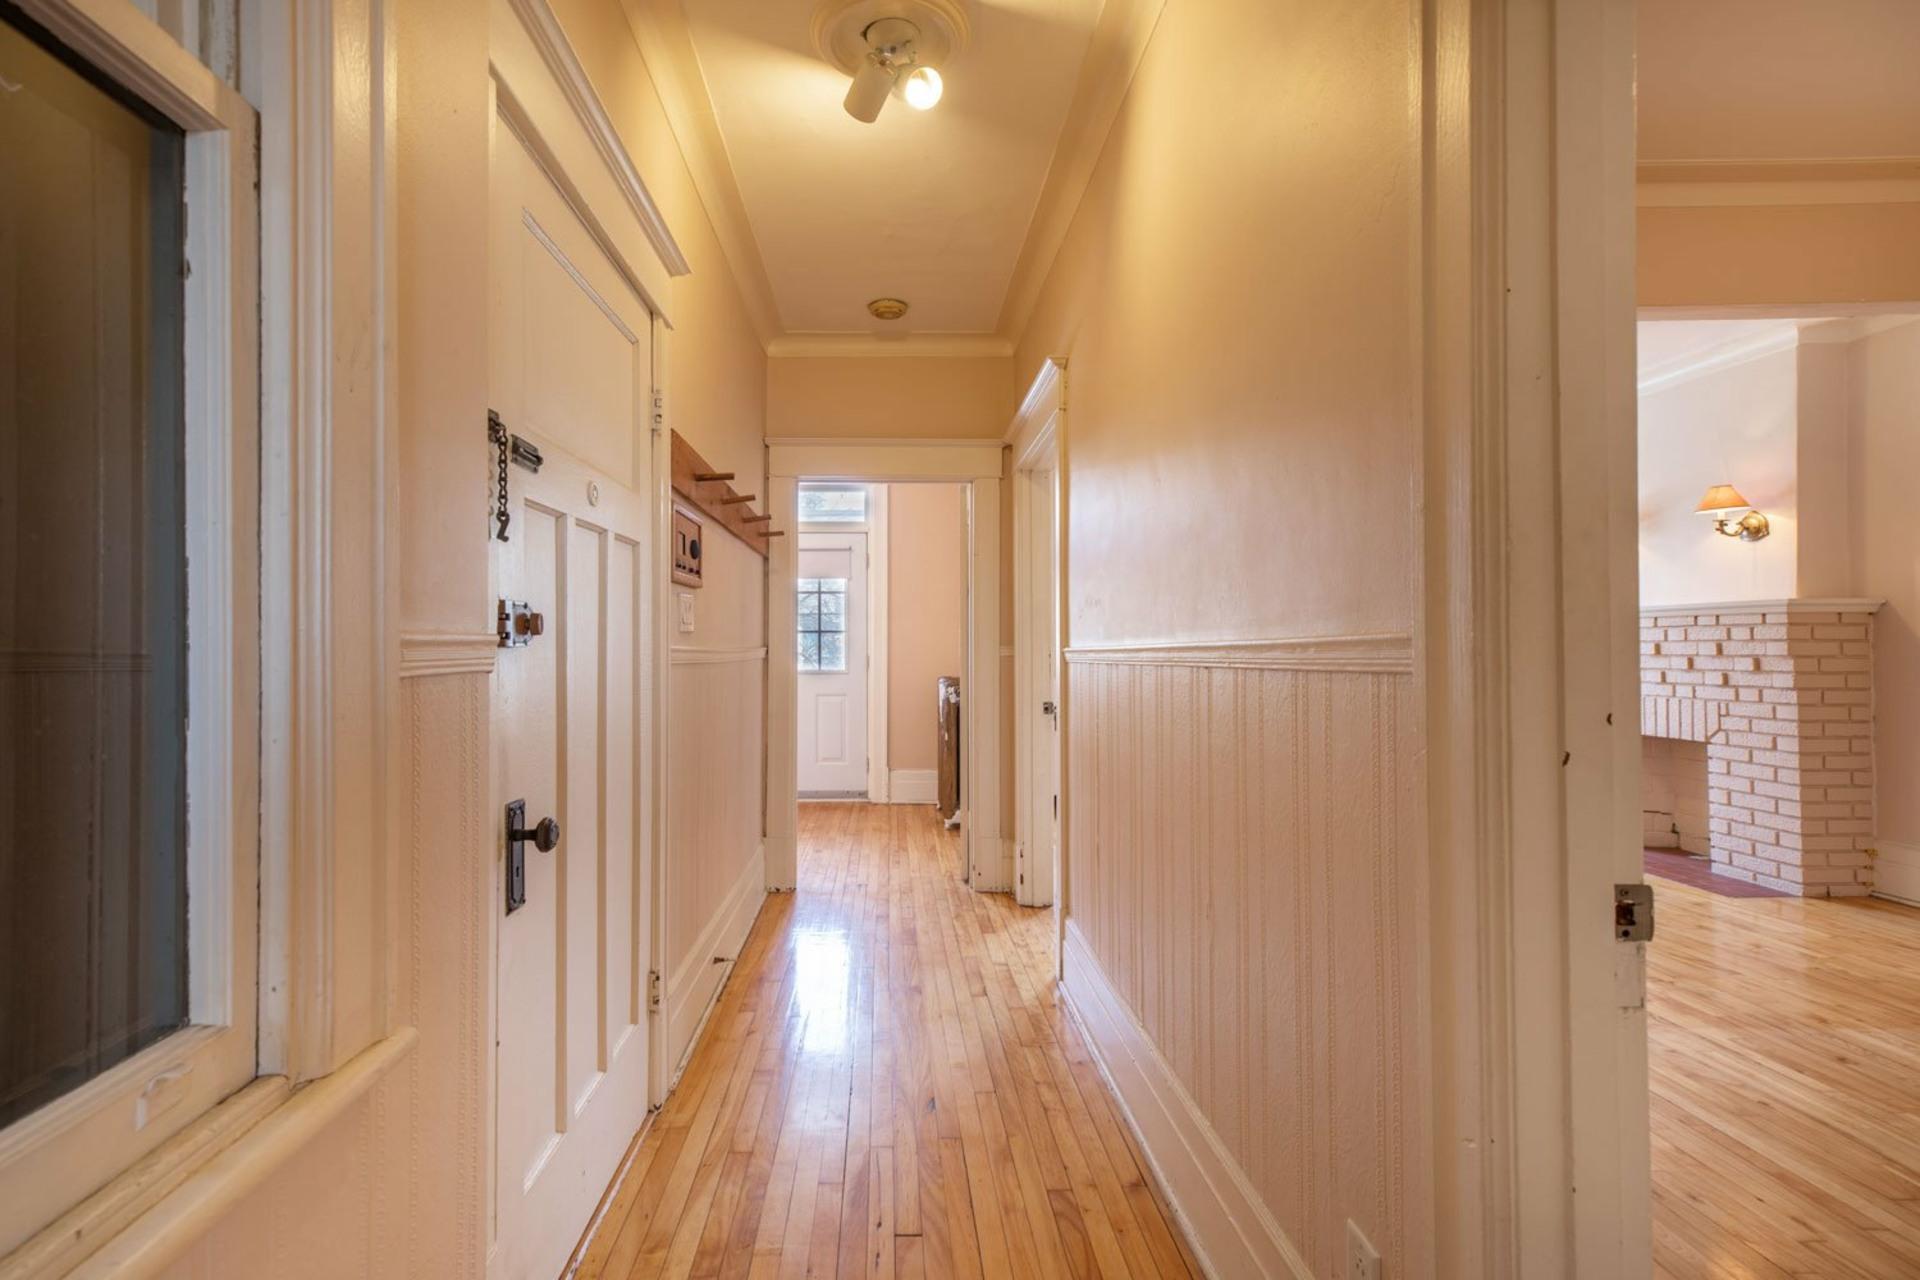 image 10 - Appartement À vendre Côte-des-Neiges/Notre-Dame-de-Grâce Montréal  - 6 pièces